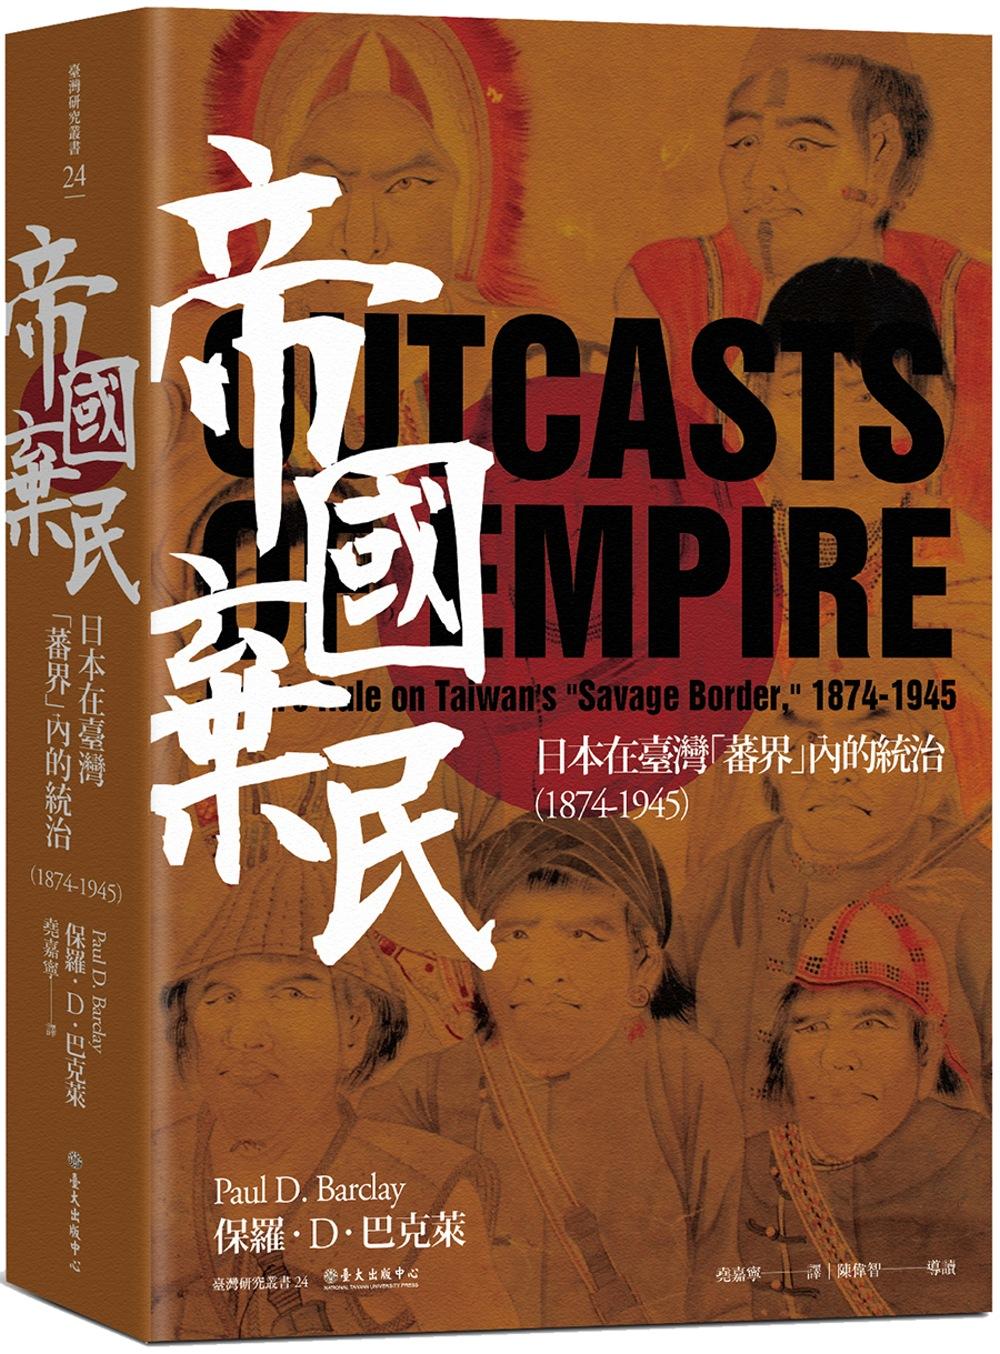 帝國棄民:日本在臺灣「蕃界」內的統治(1874-1945)